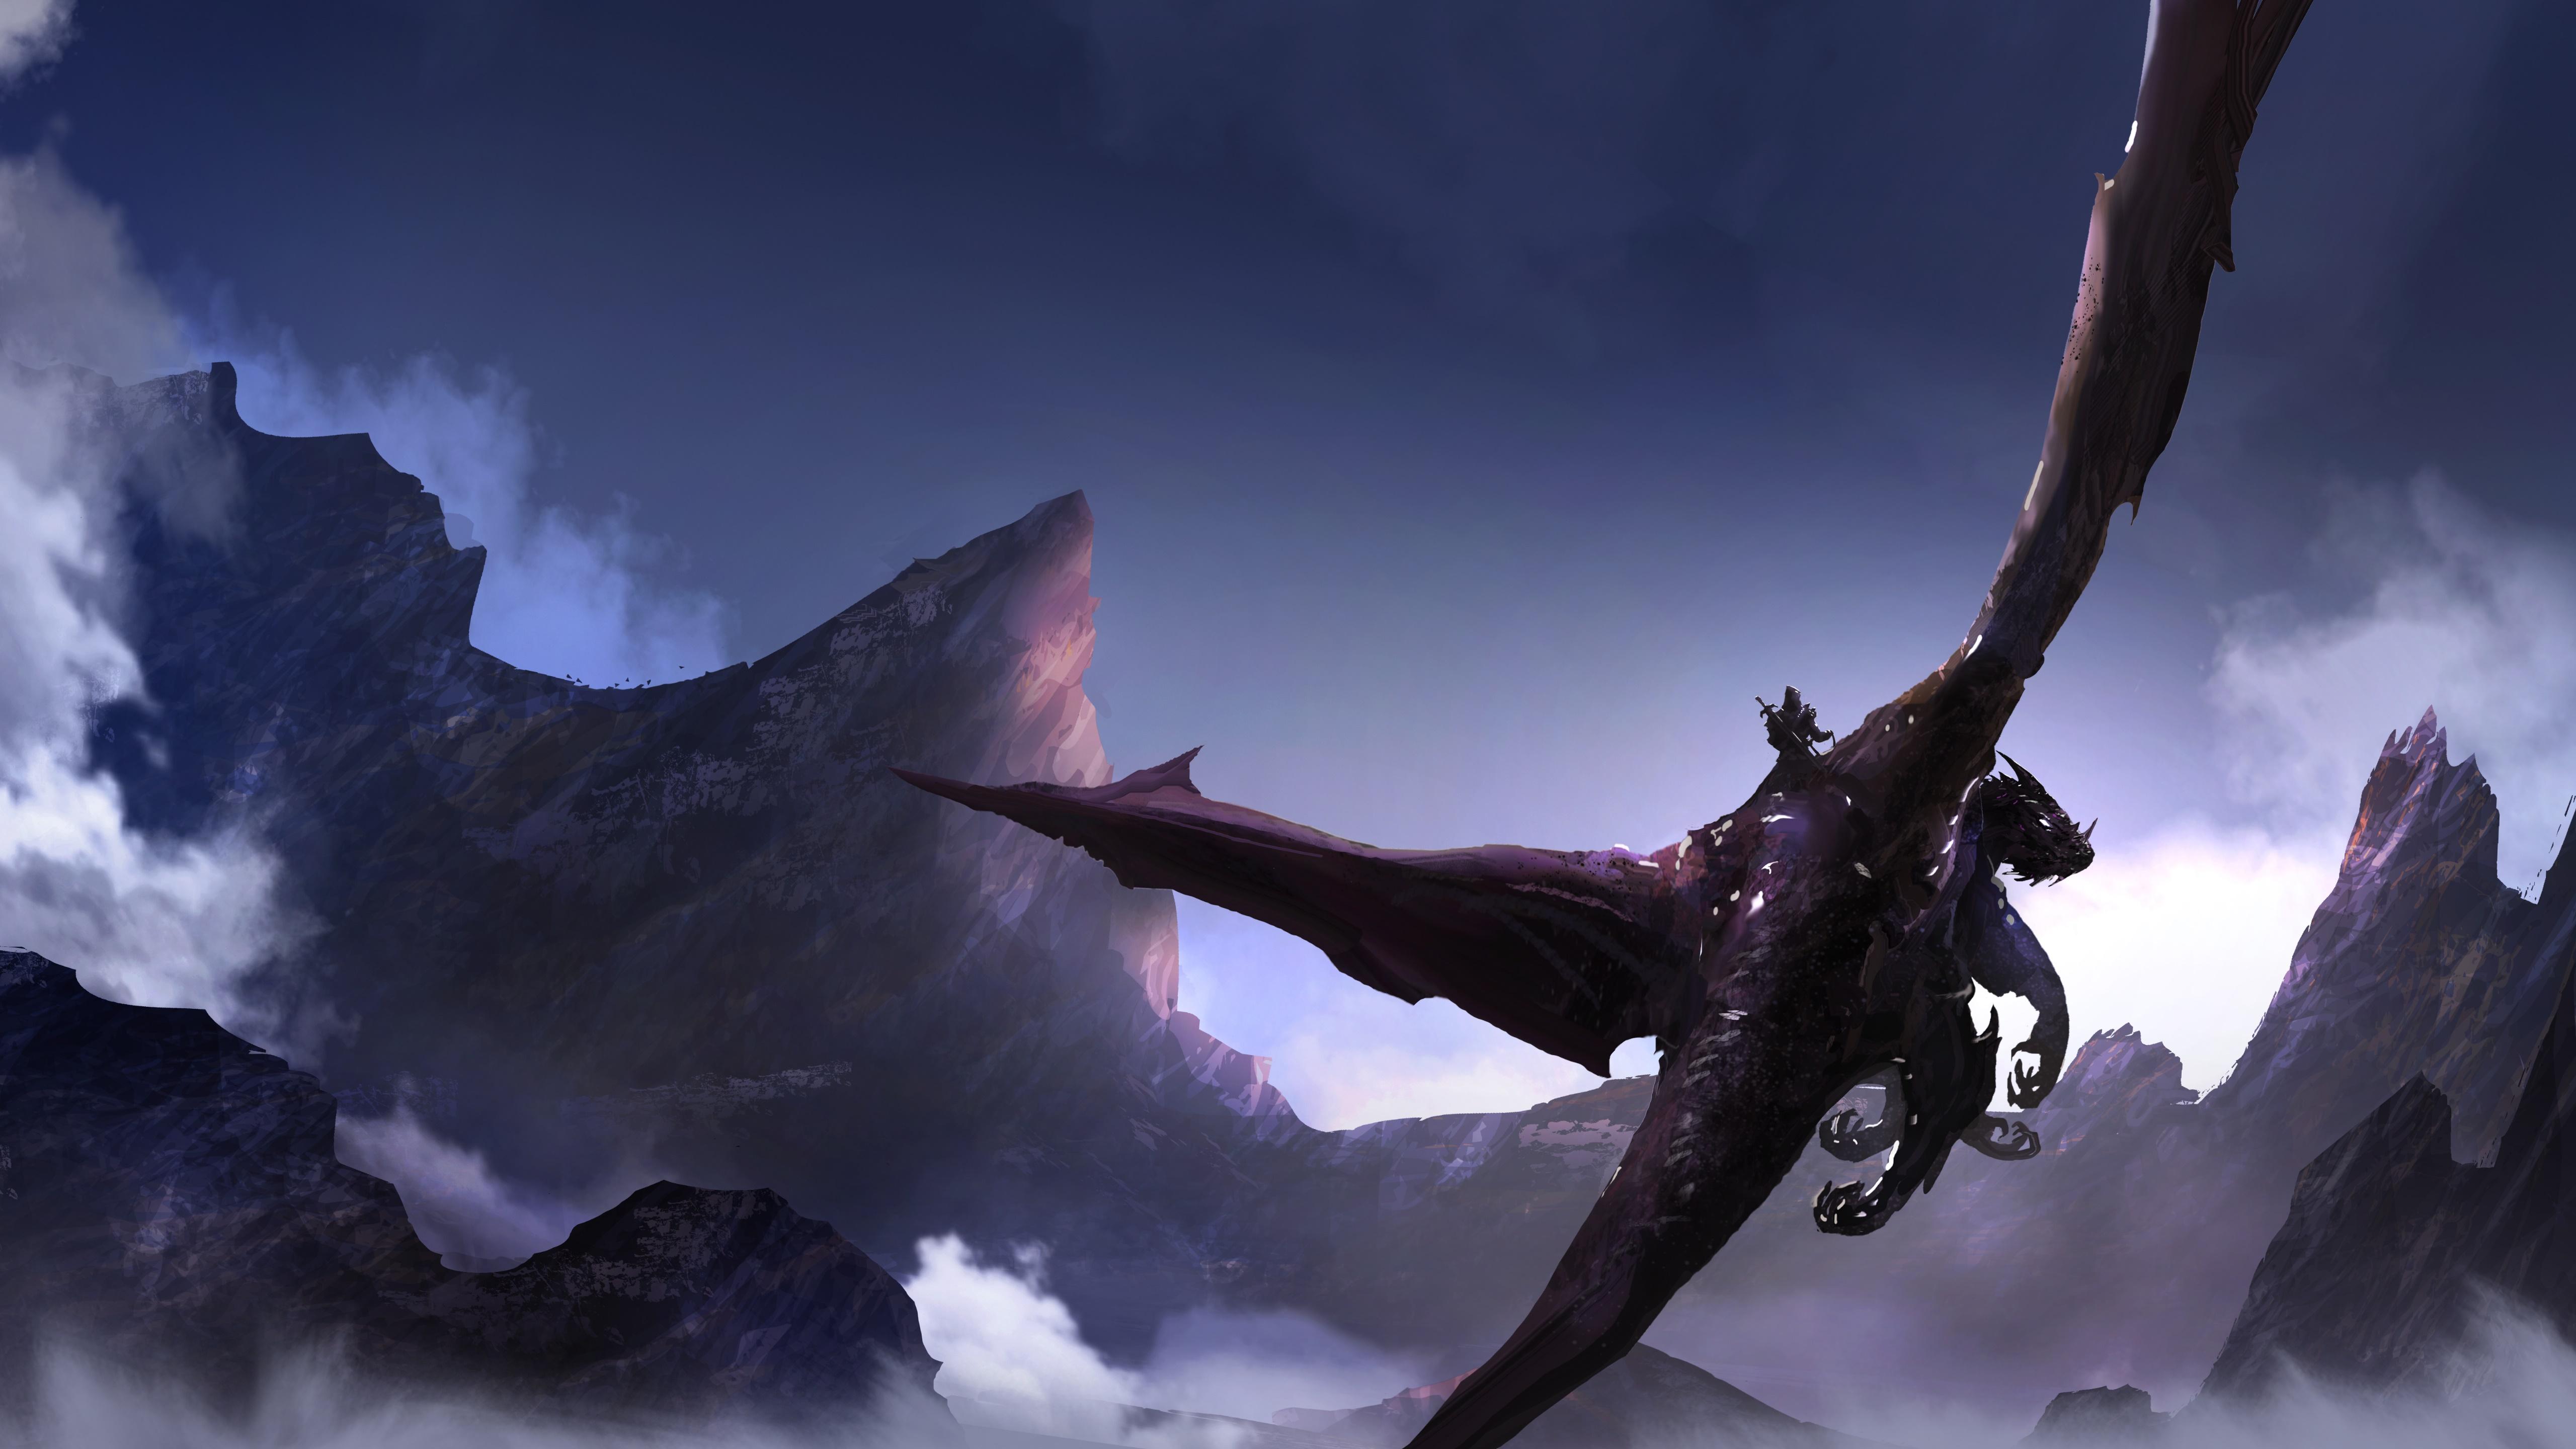 Dragon rider wallpaper